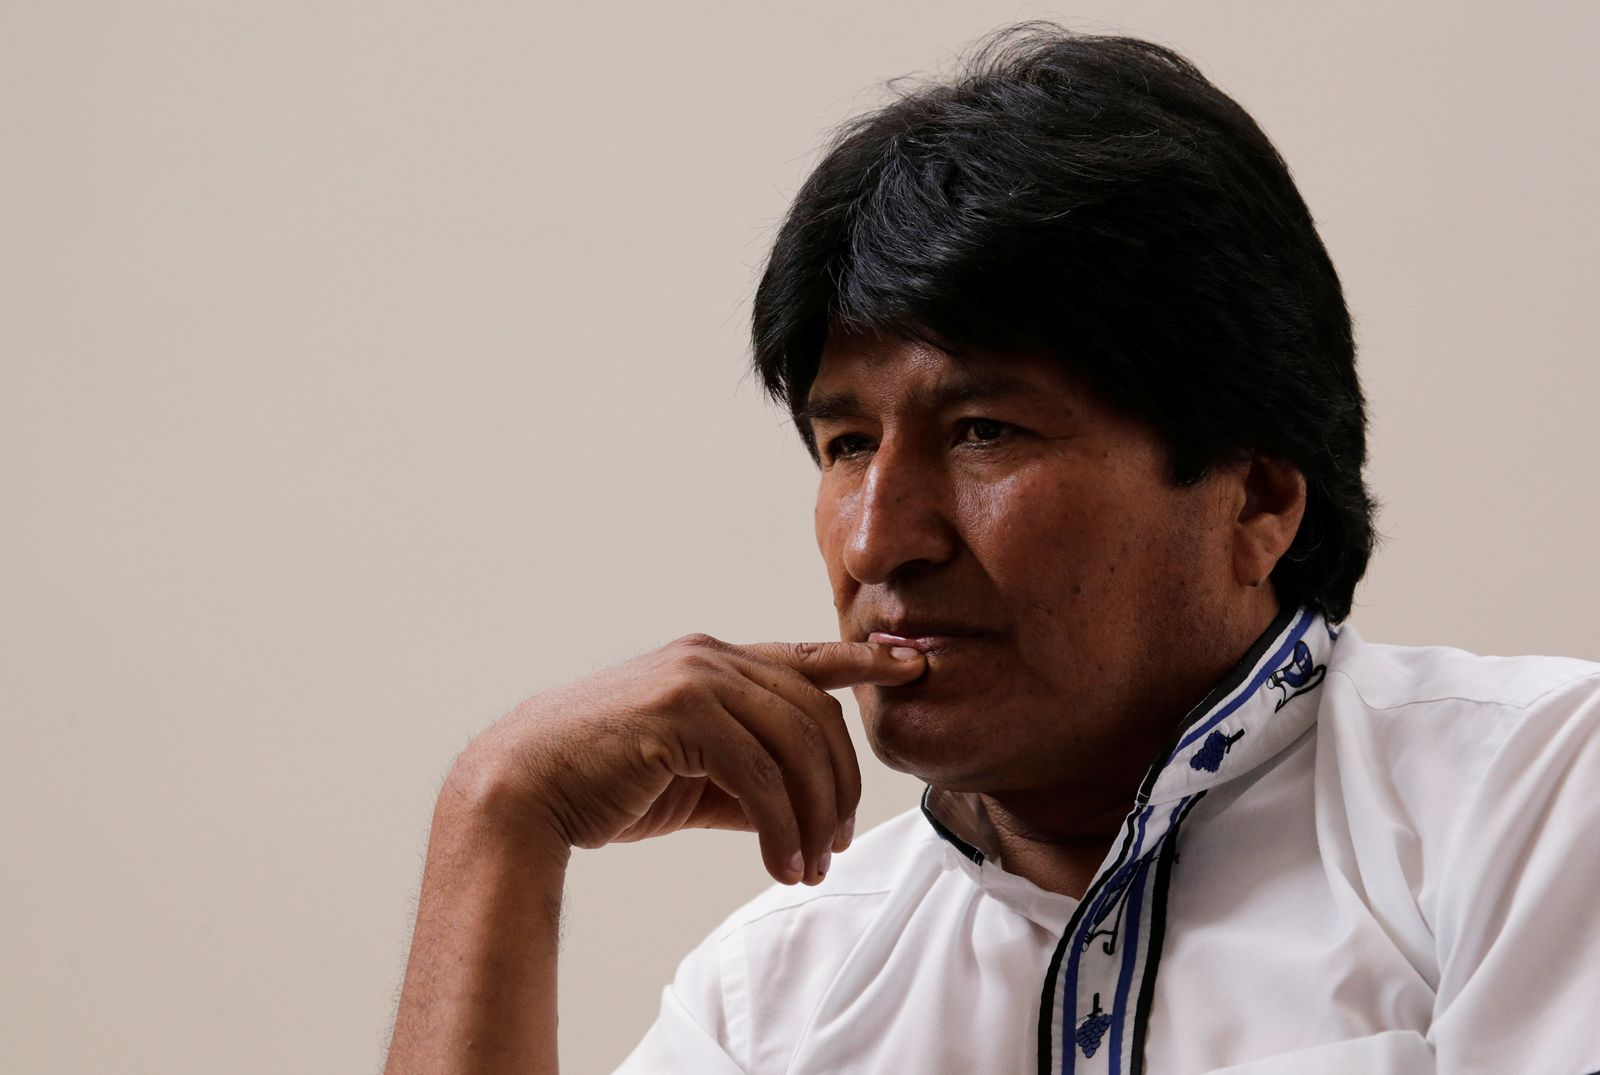 BOLIVIA-VENEZUELA/